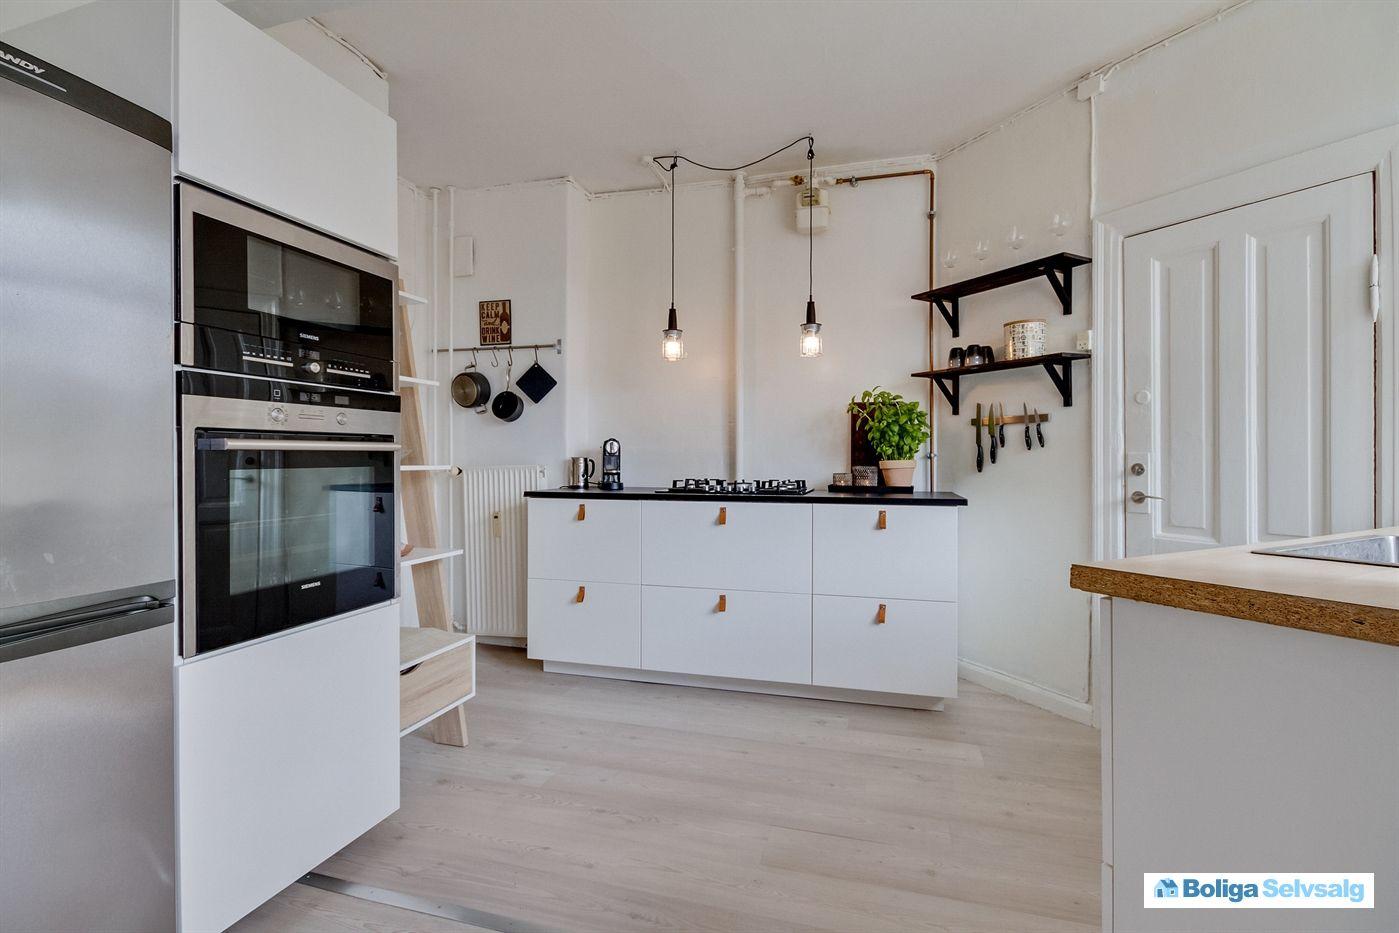 Hammershusgade 3, 1. th., 2100 København Ø - Unik lejlighed, stort køkken alrum, 2 altaner, god ...